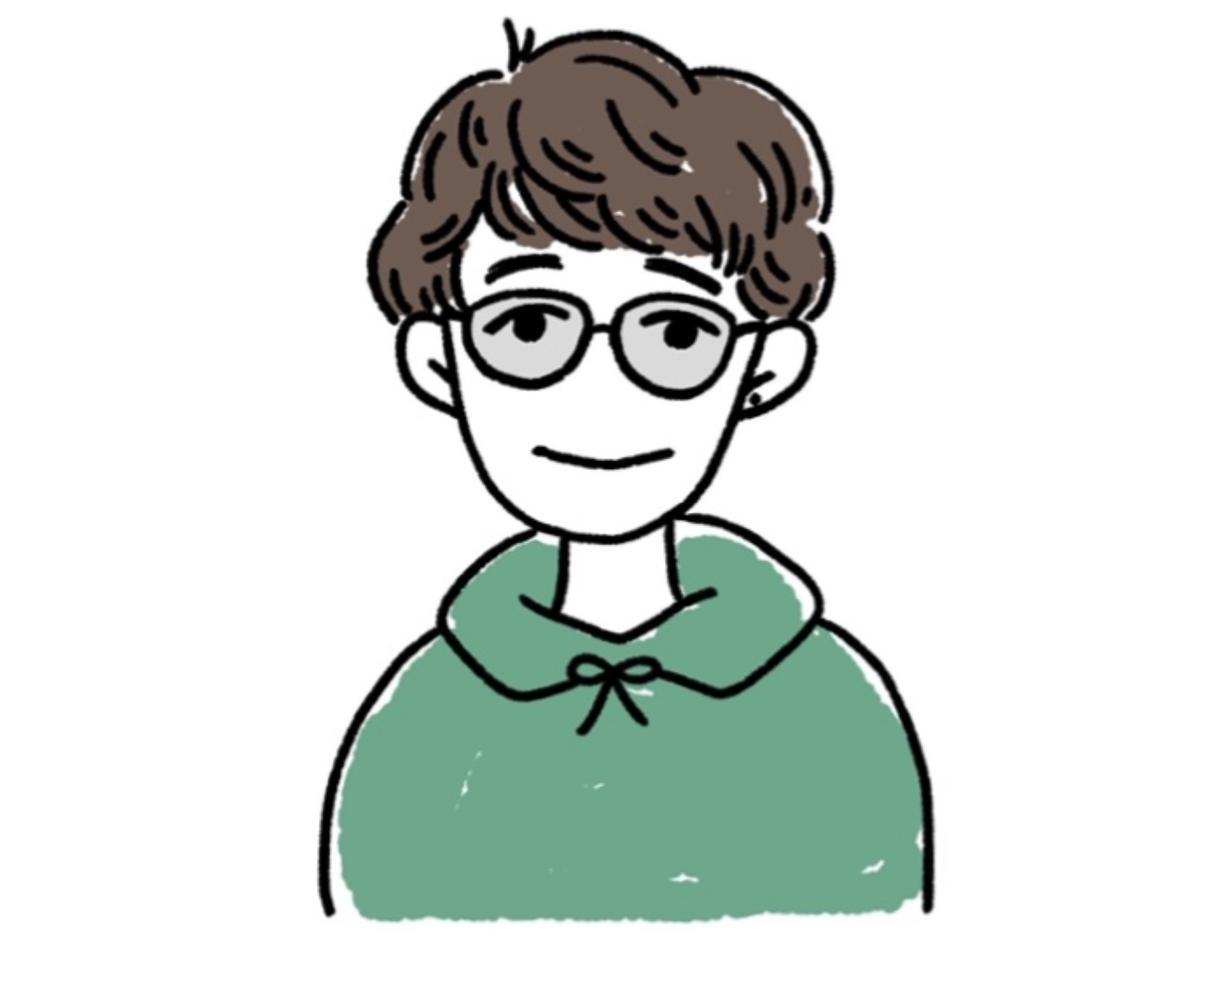 アイコン(サムネ)のイラスト描きます ポップでお洒落なオーダーイラスト。是非snsでお使いください